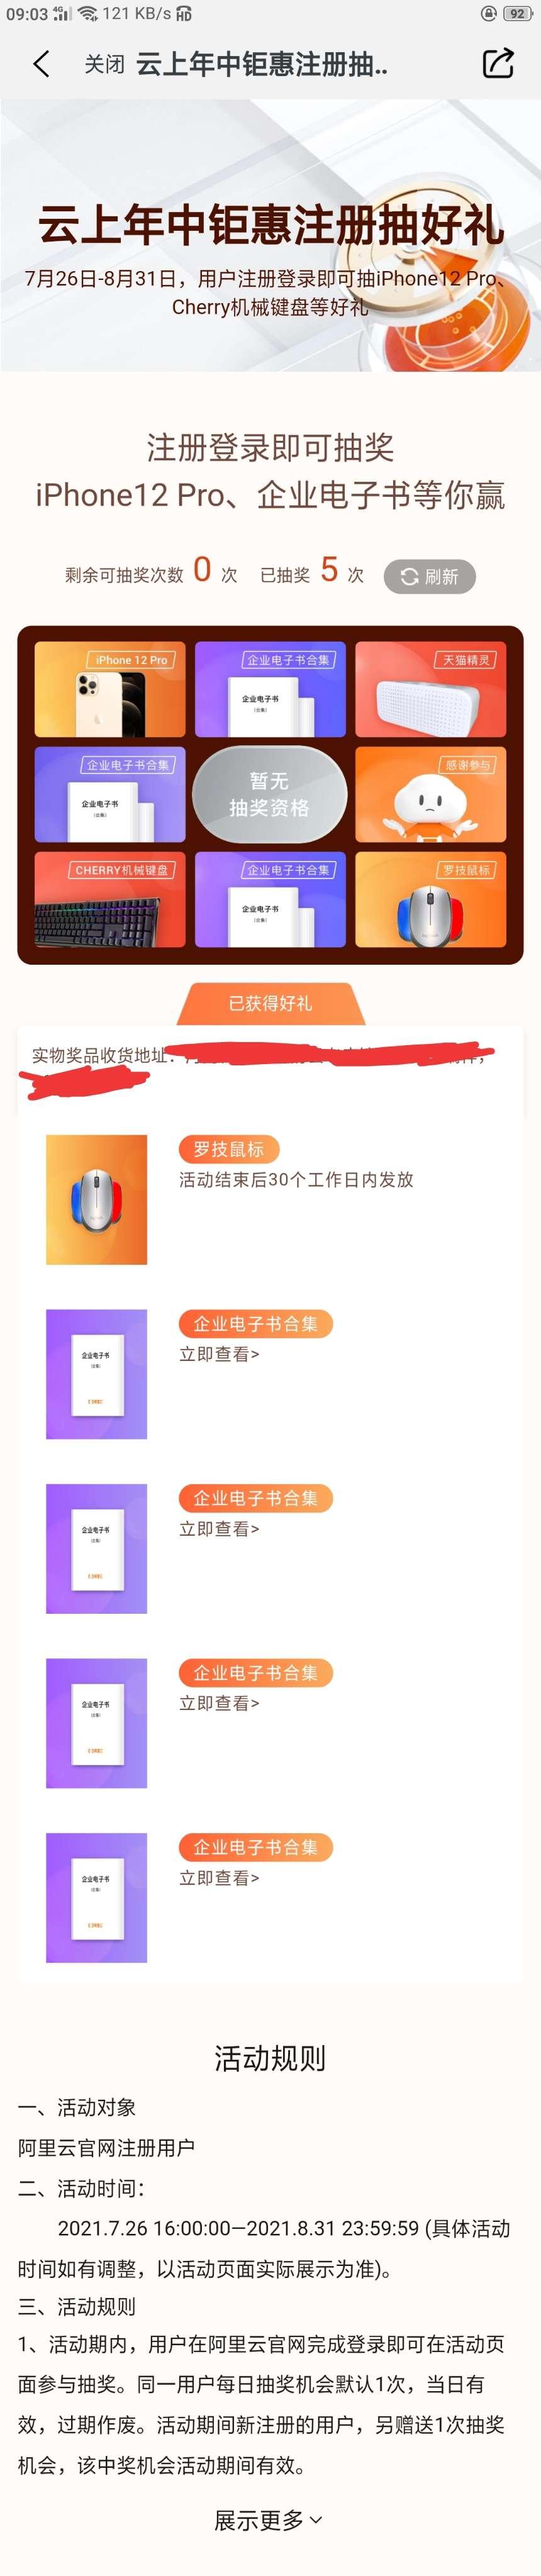 【物件会员专区】阿里云服务器会员注册抽奖活动(还可以并不是新用户)插图4